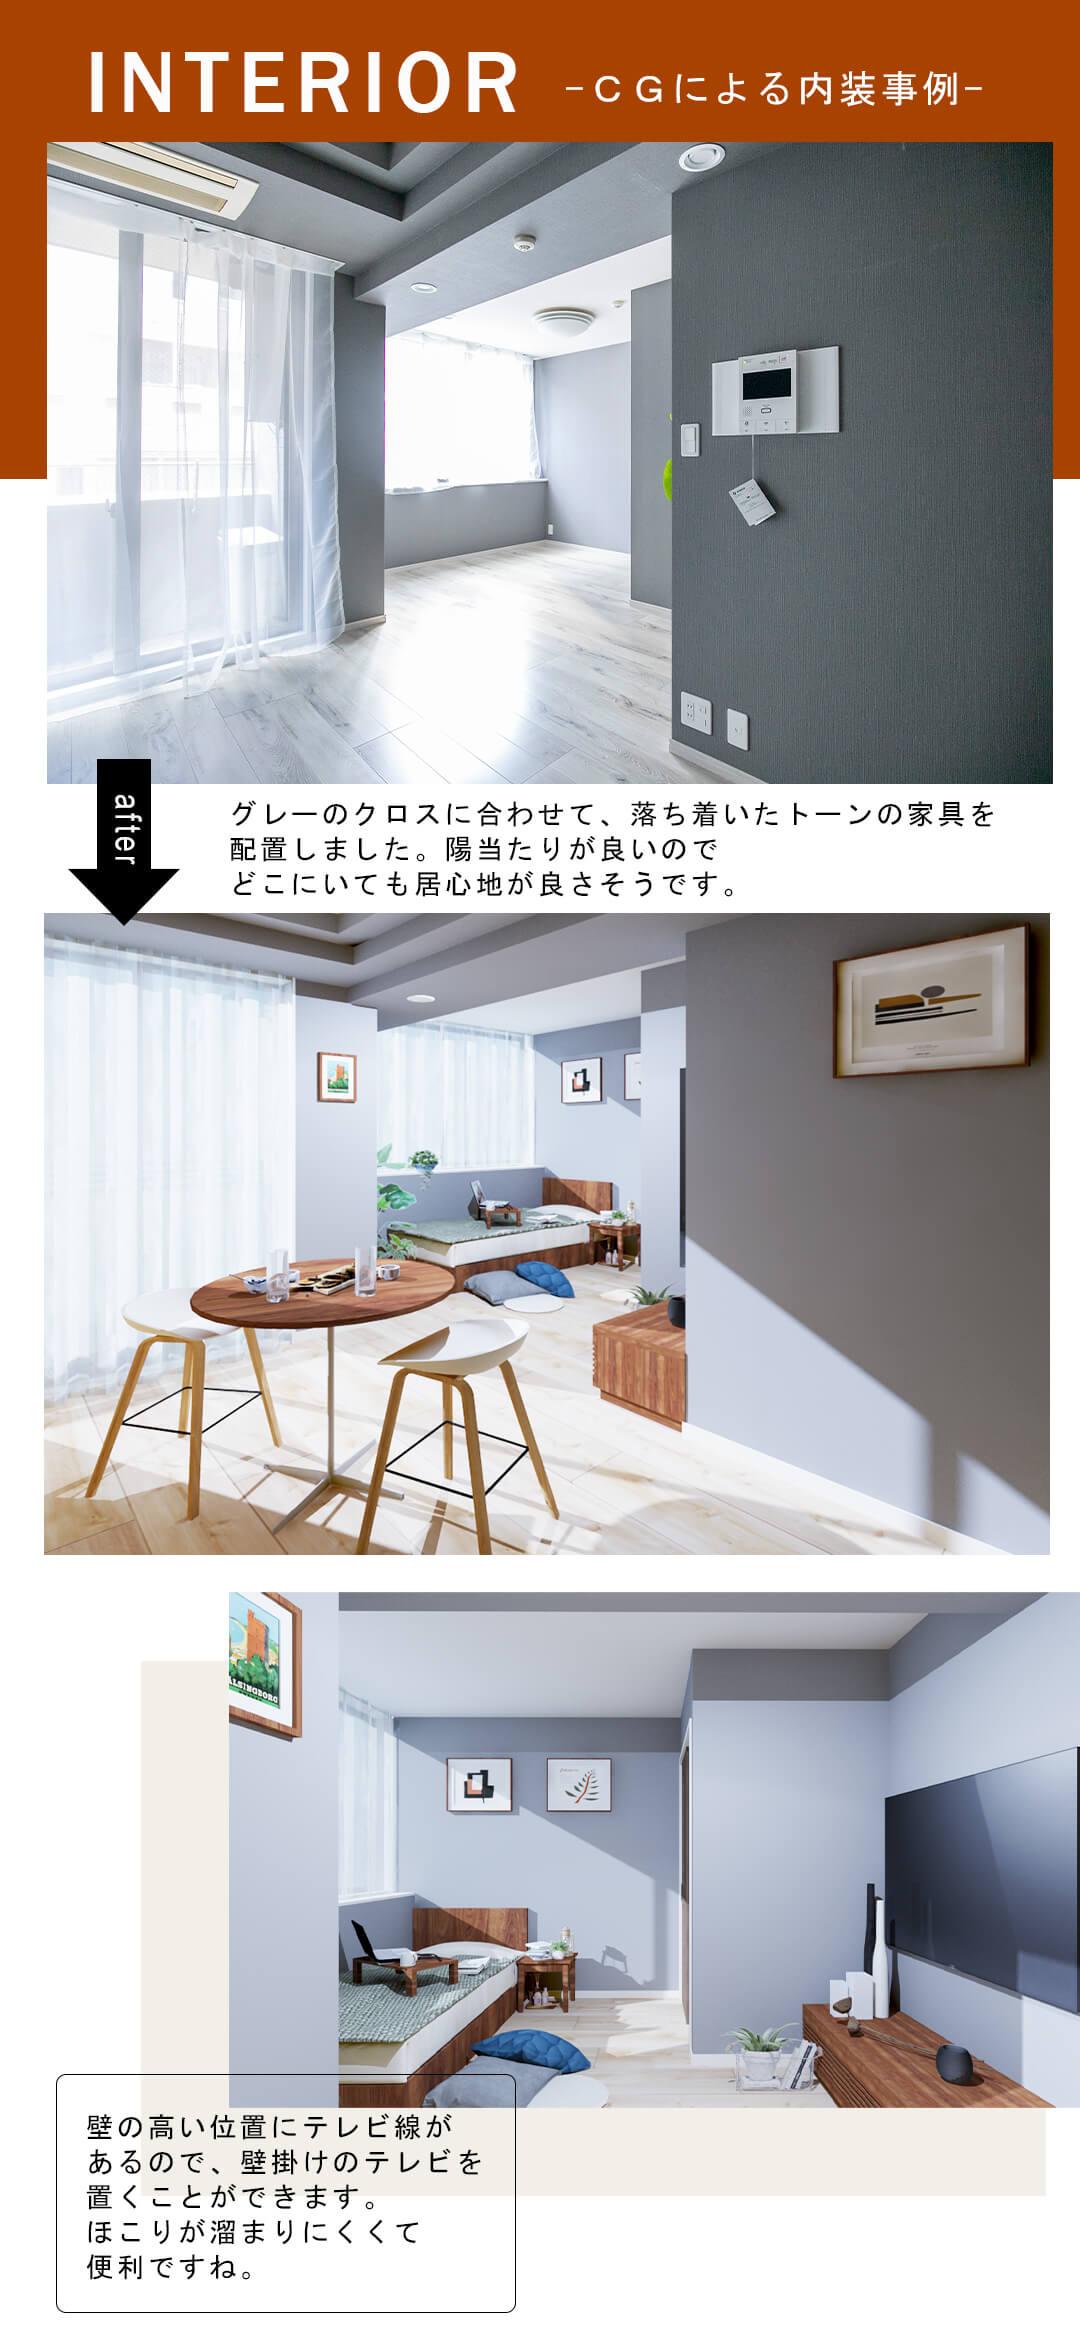 アクシア日本橋のCGによる内装事例